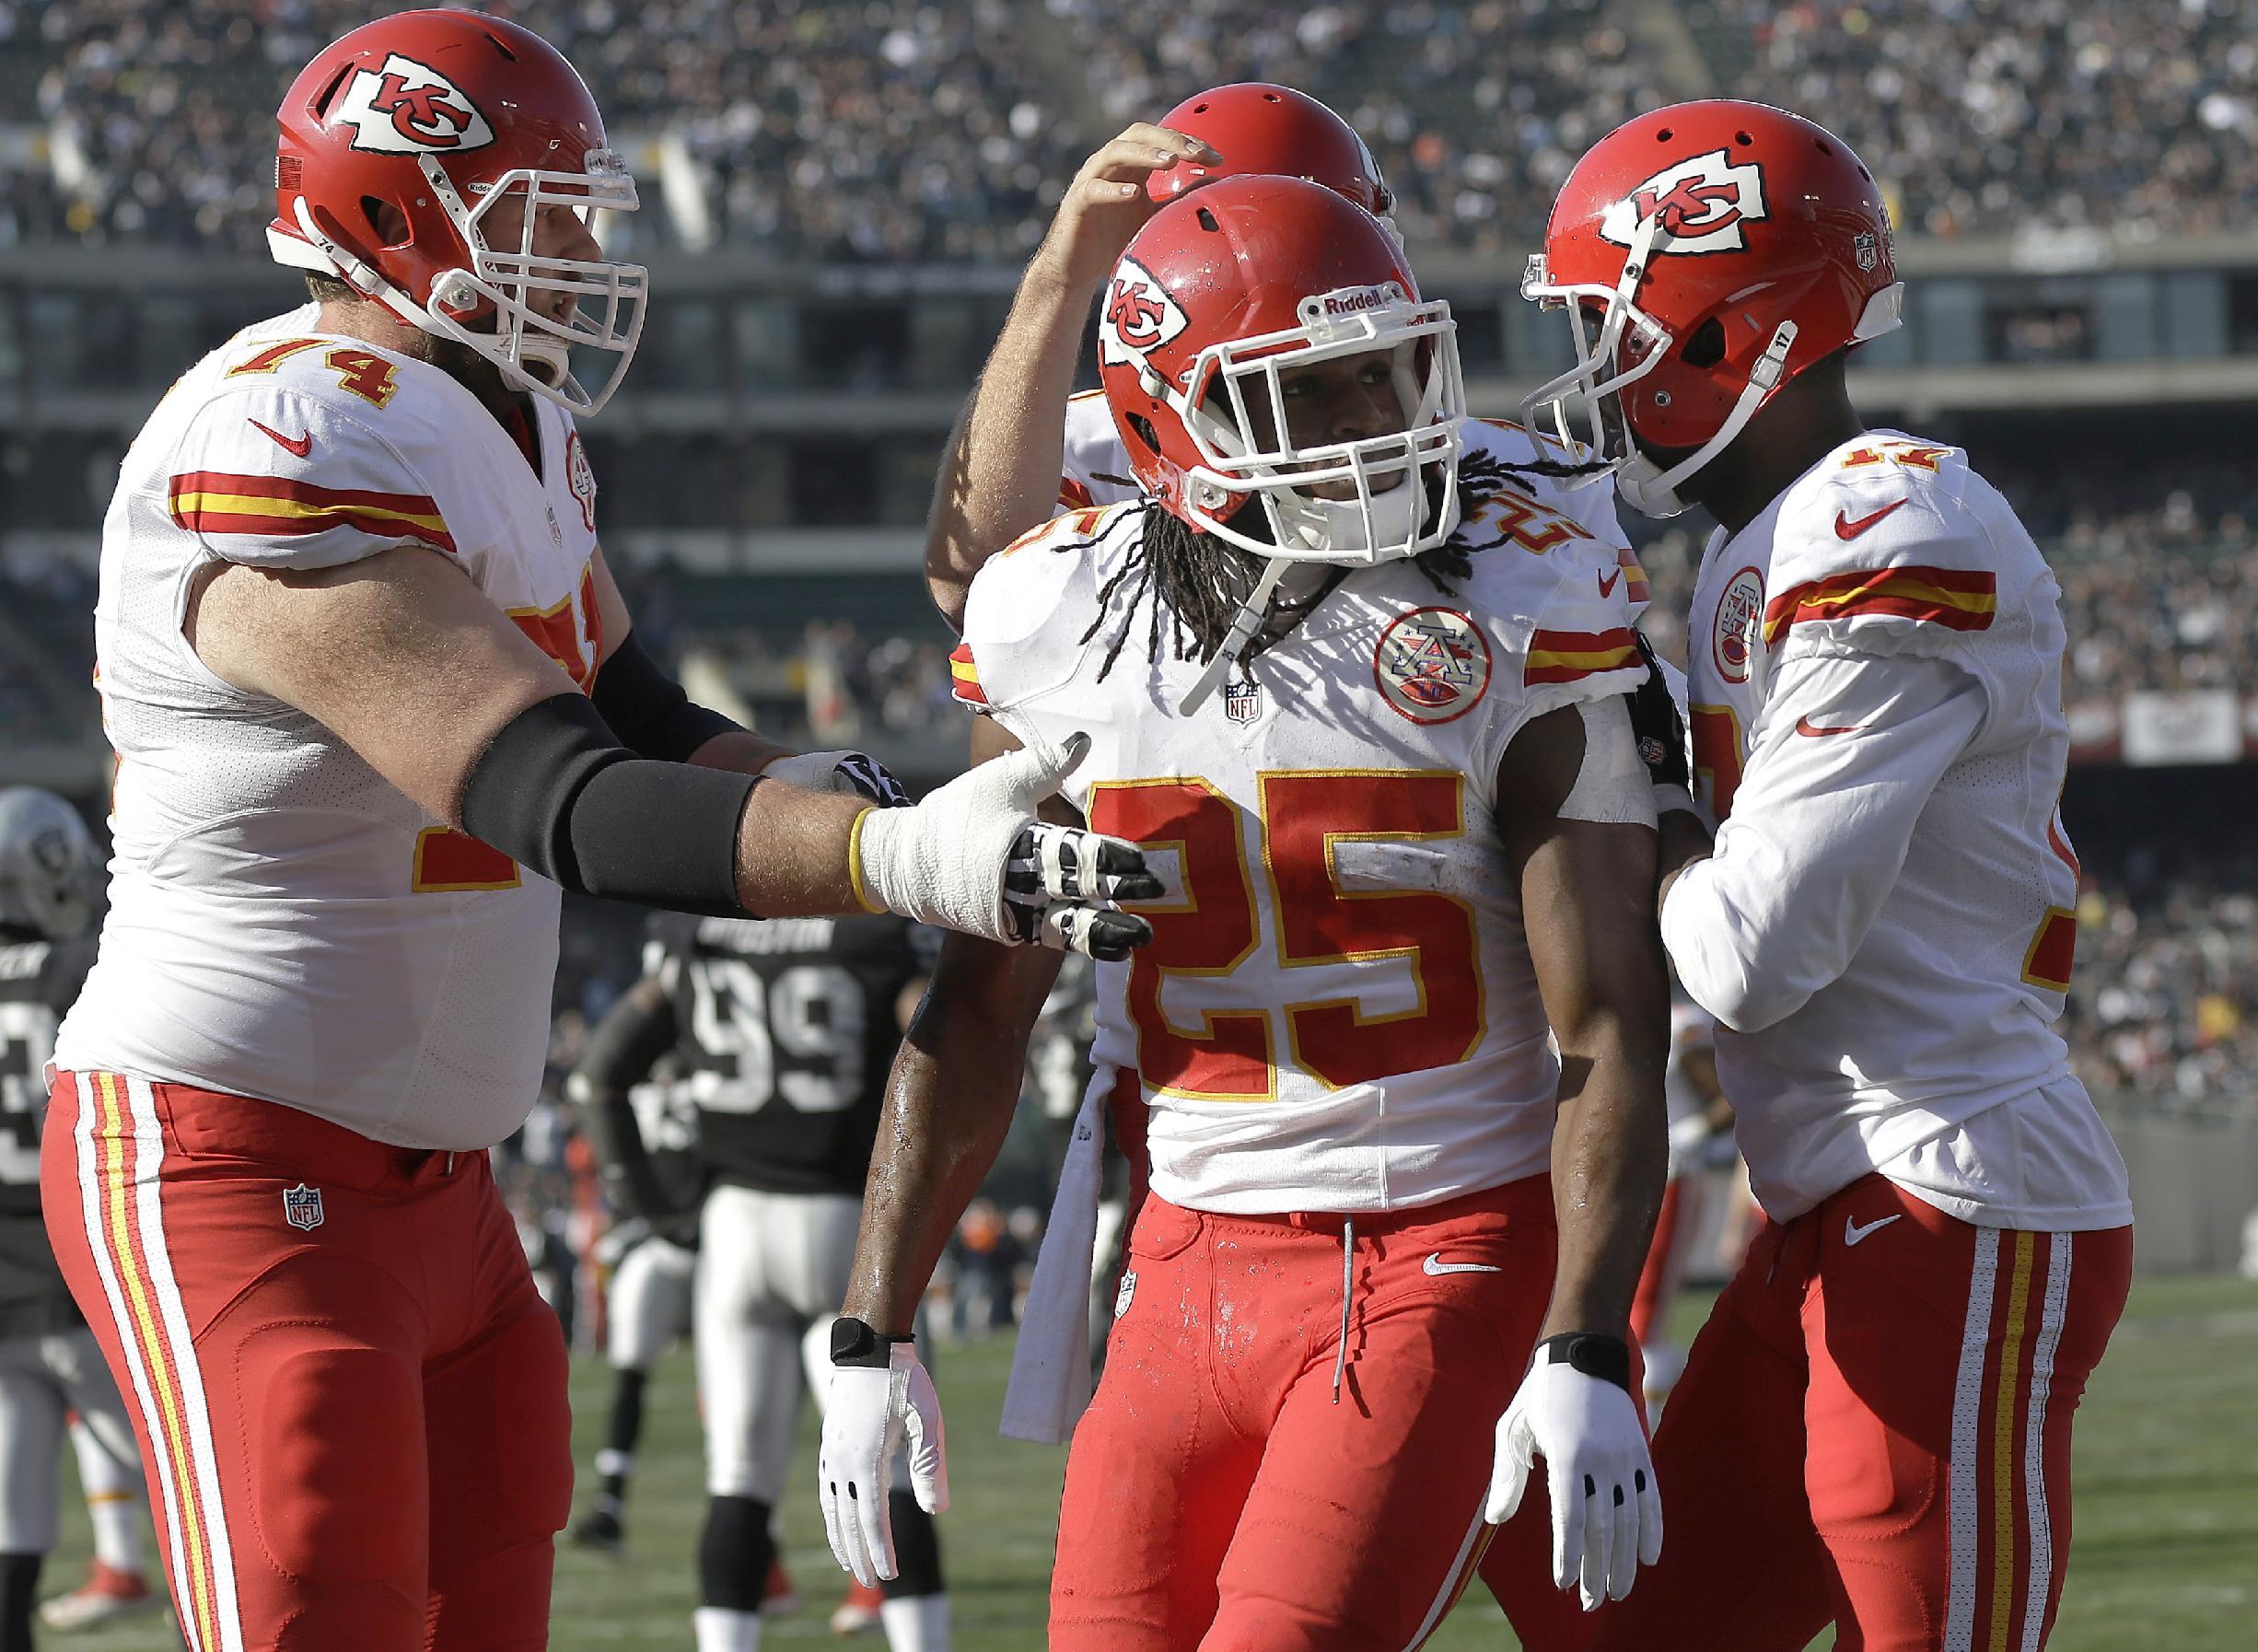 Colts defense faces big challenge against Chiefs